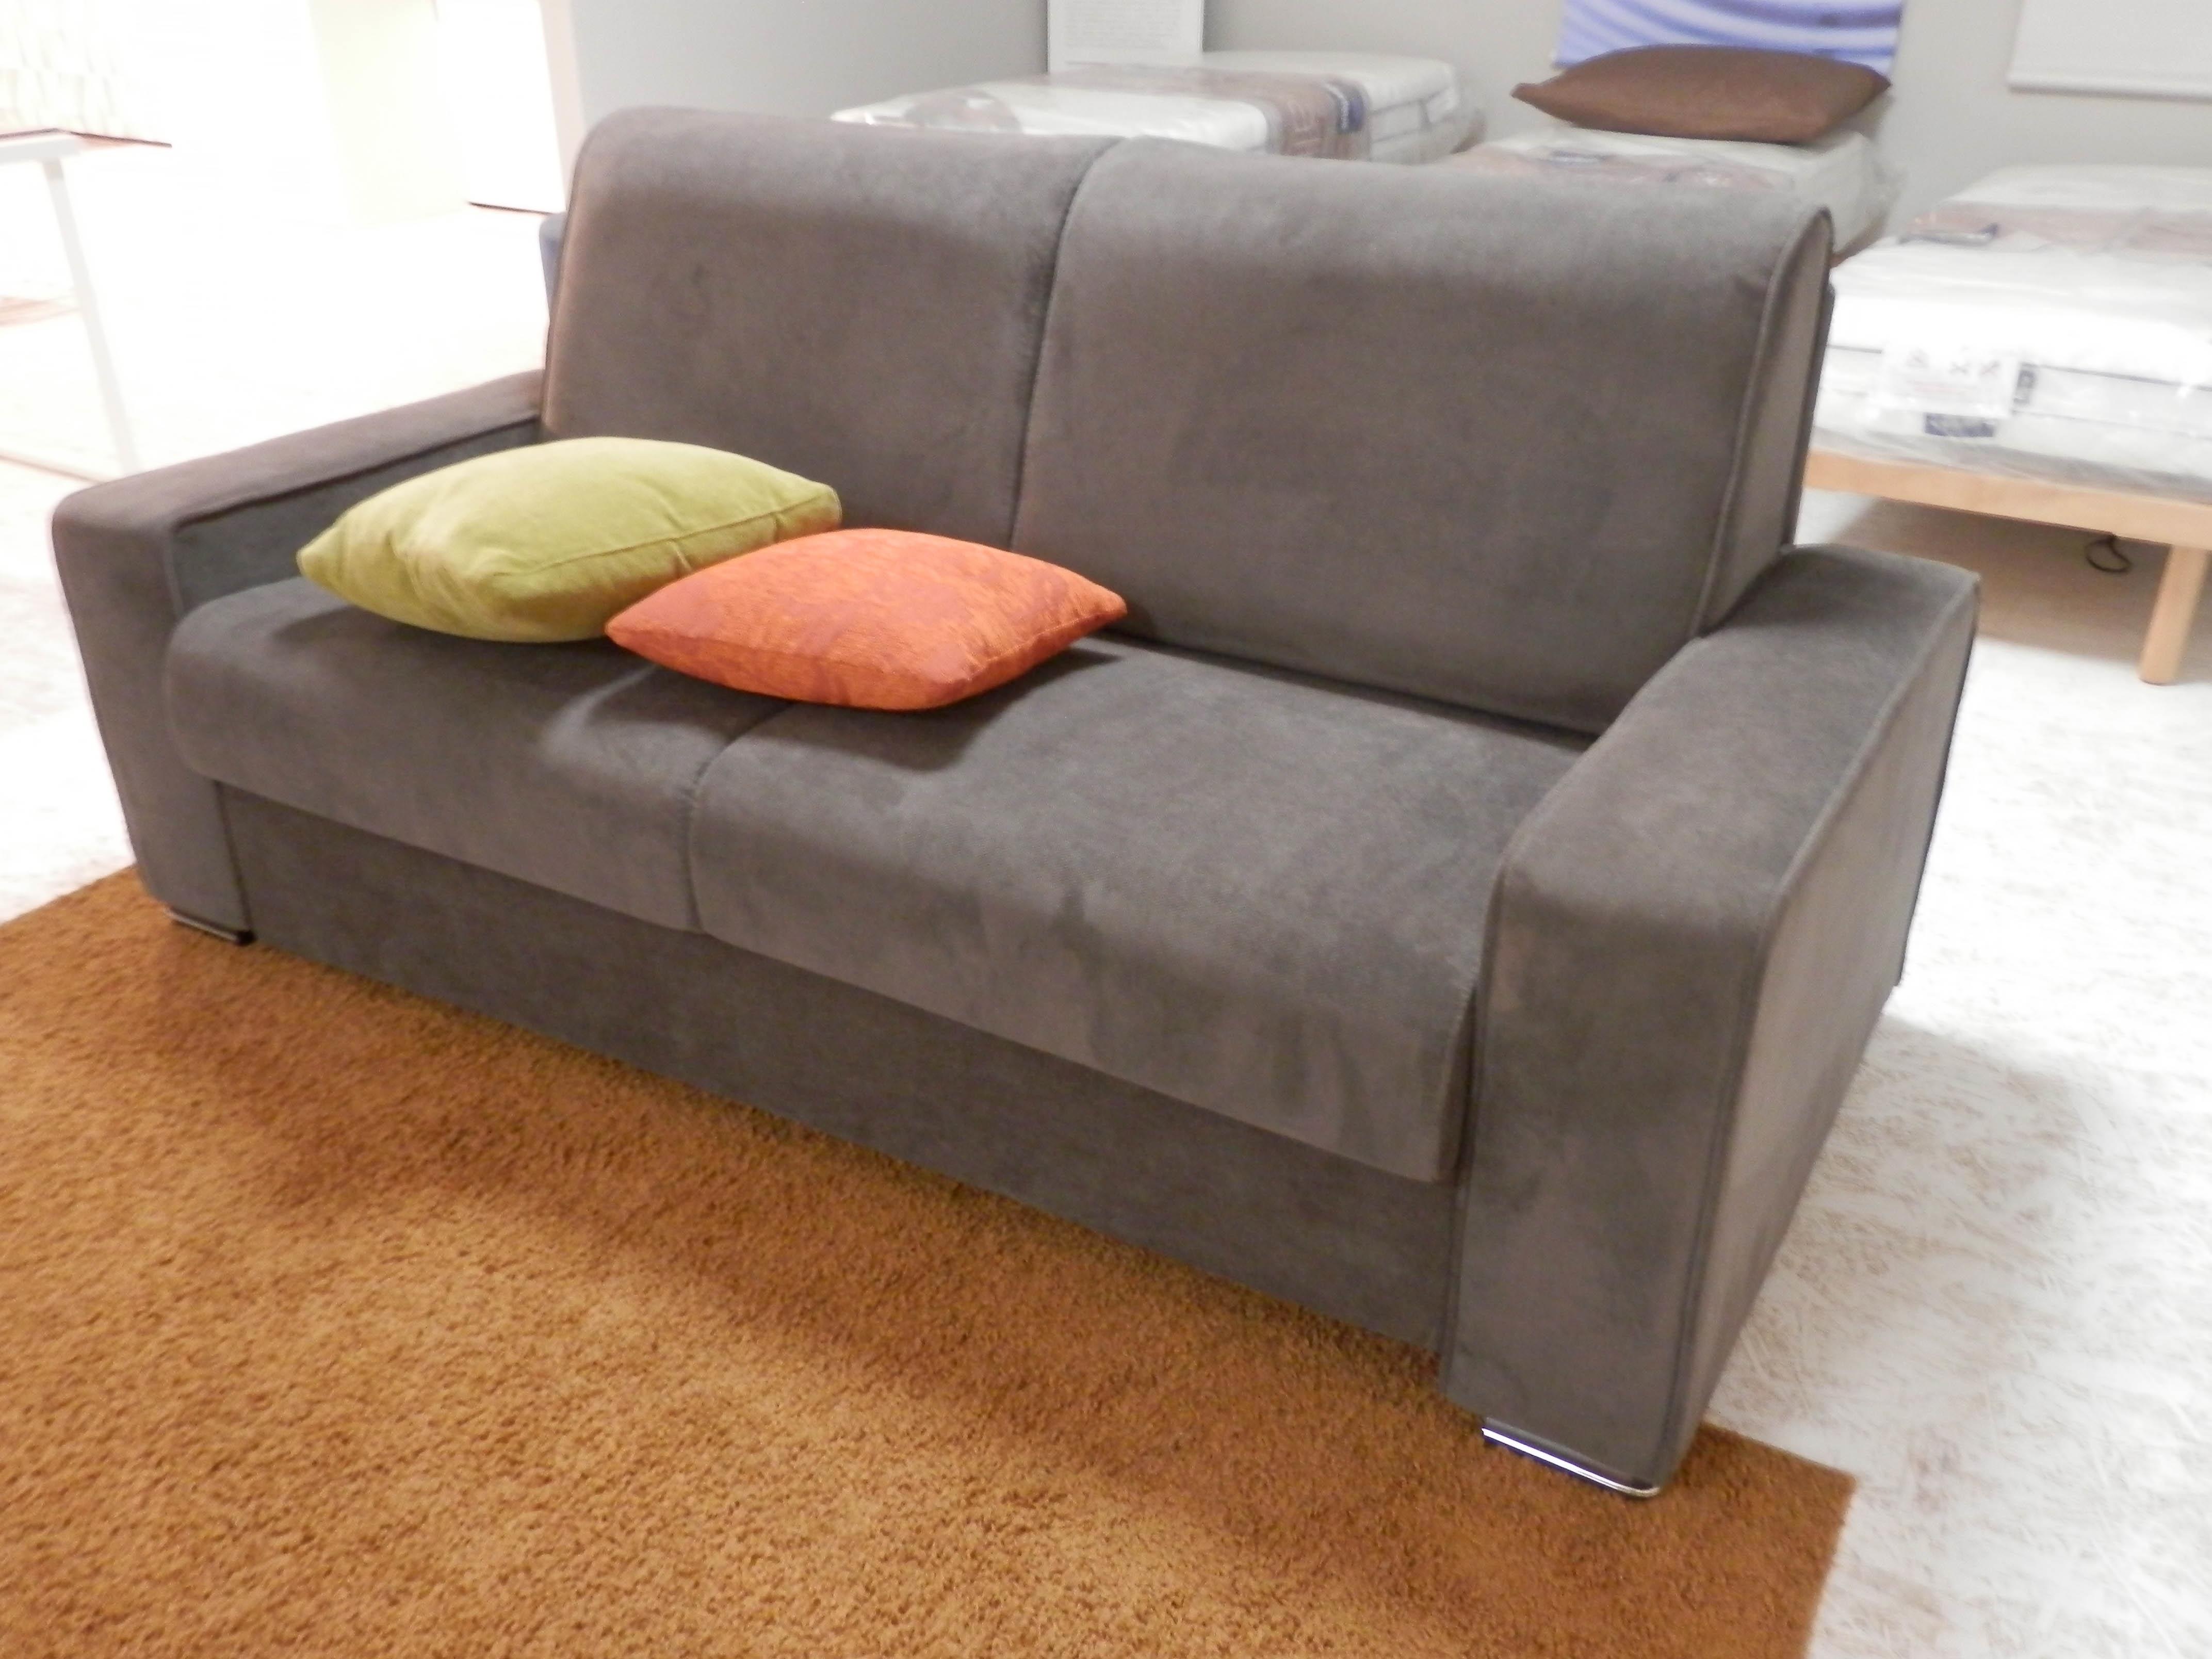 Divano letto papeete il benessere sotto costo divani a for Divano letto costo